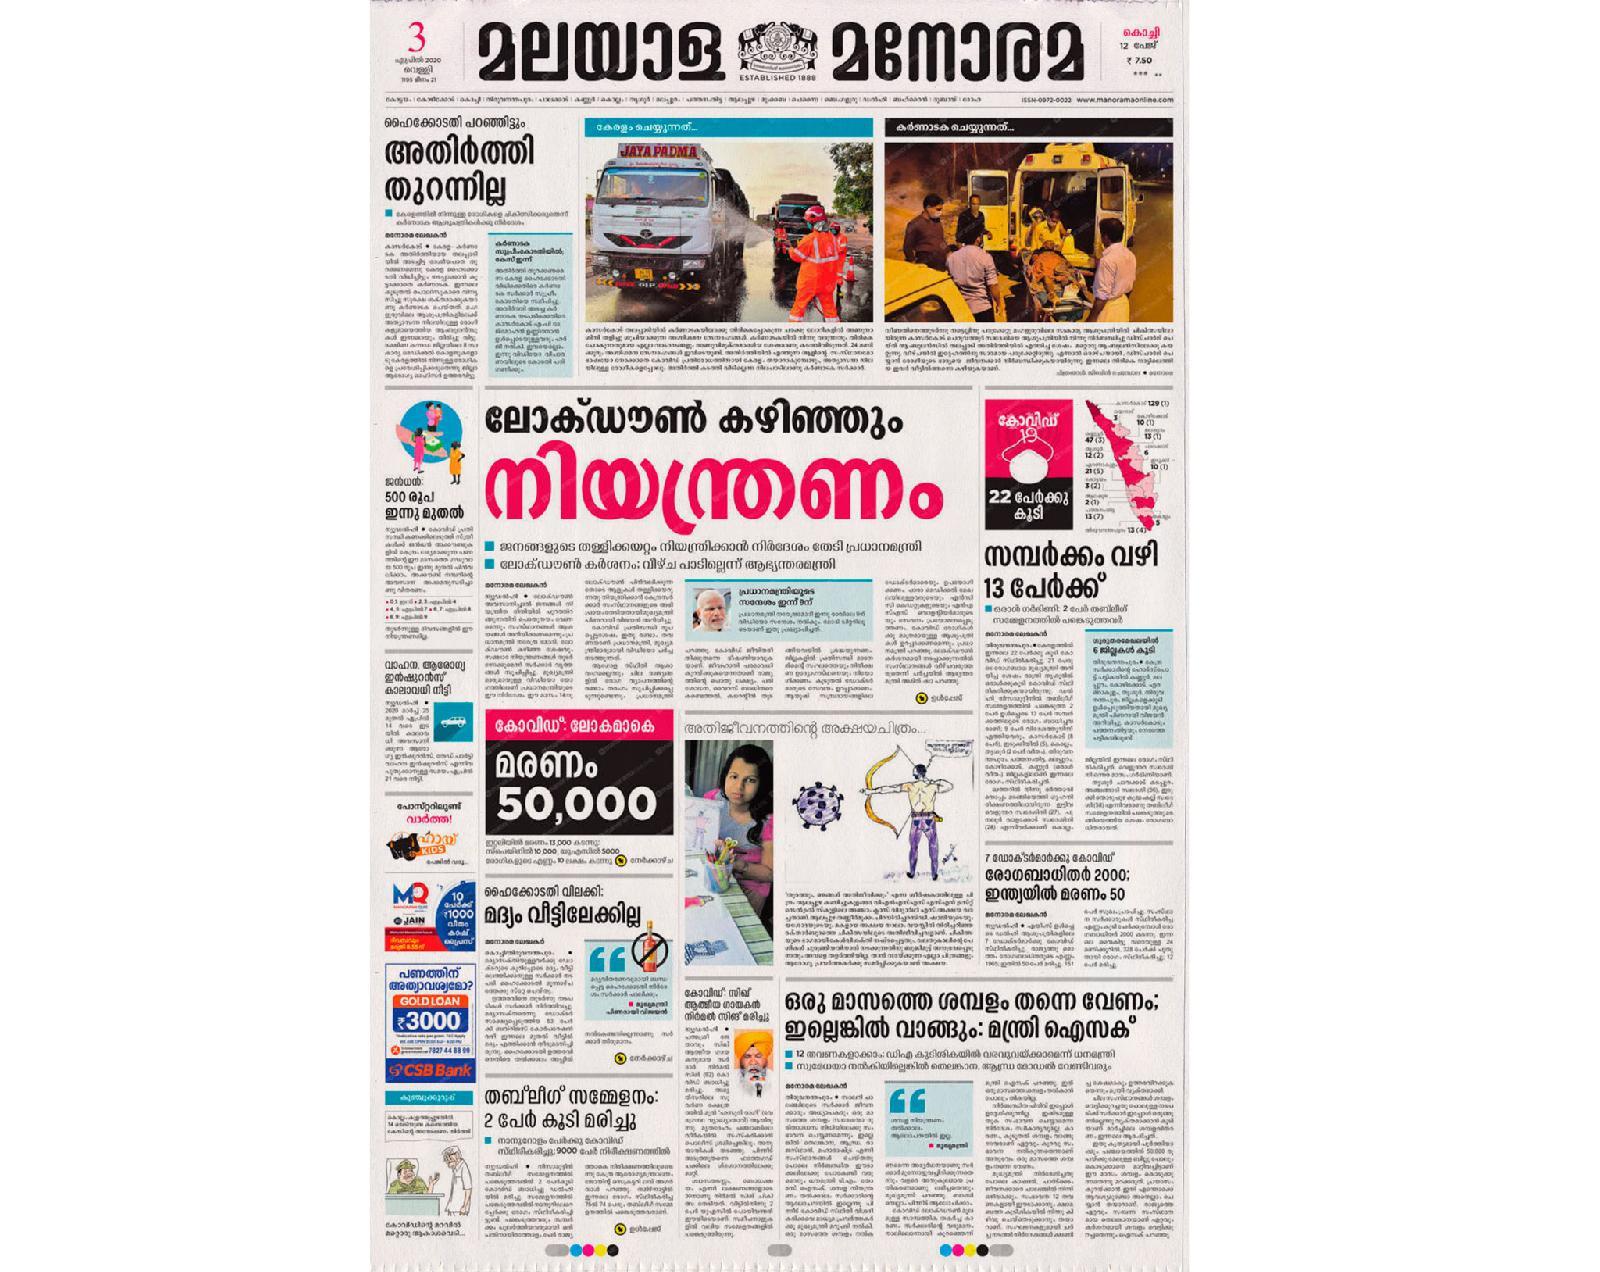 Ежедневный тираж газеты Malayala Manorama превышает два миллиона экземпляров